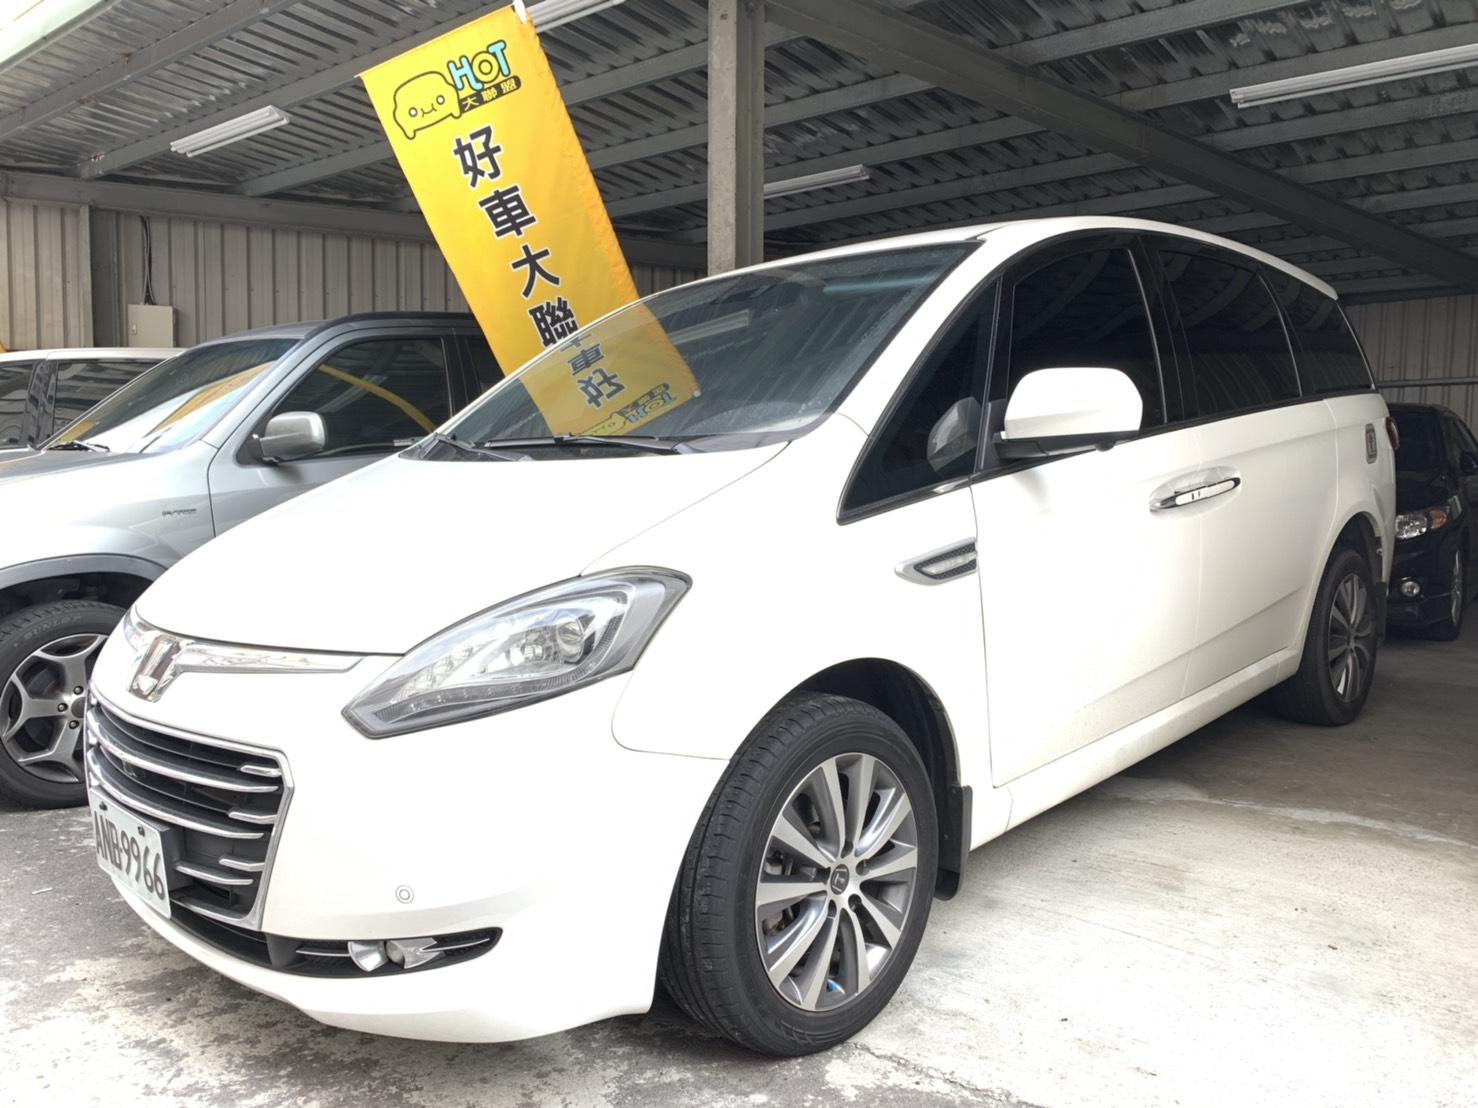 2016 Luxgen 納智捷 M7 turbo